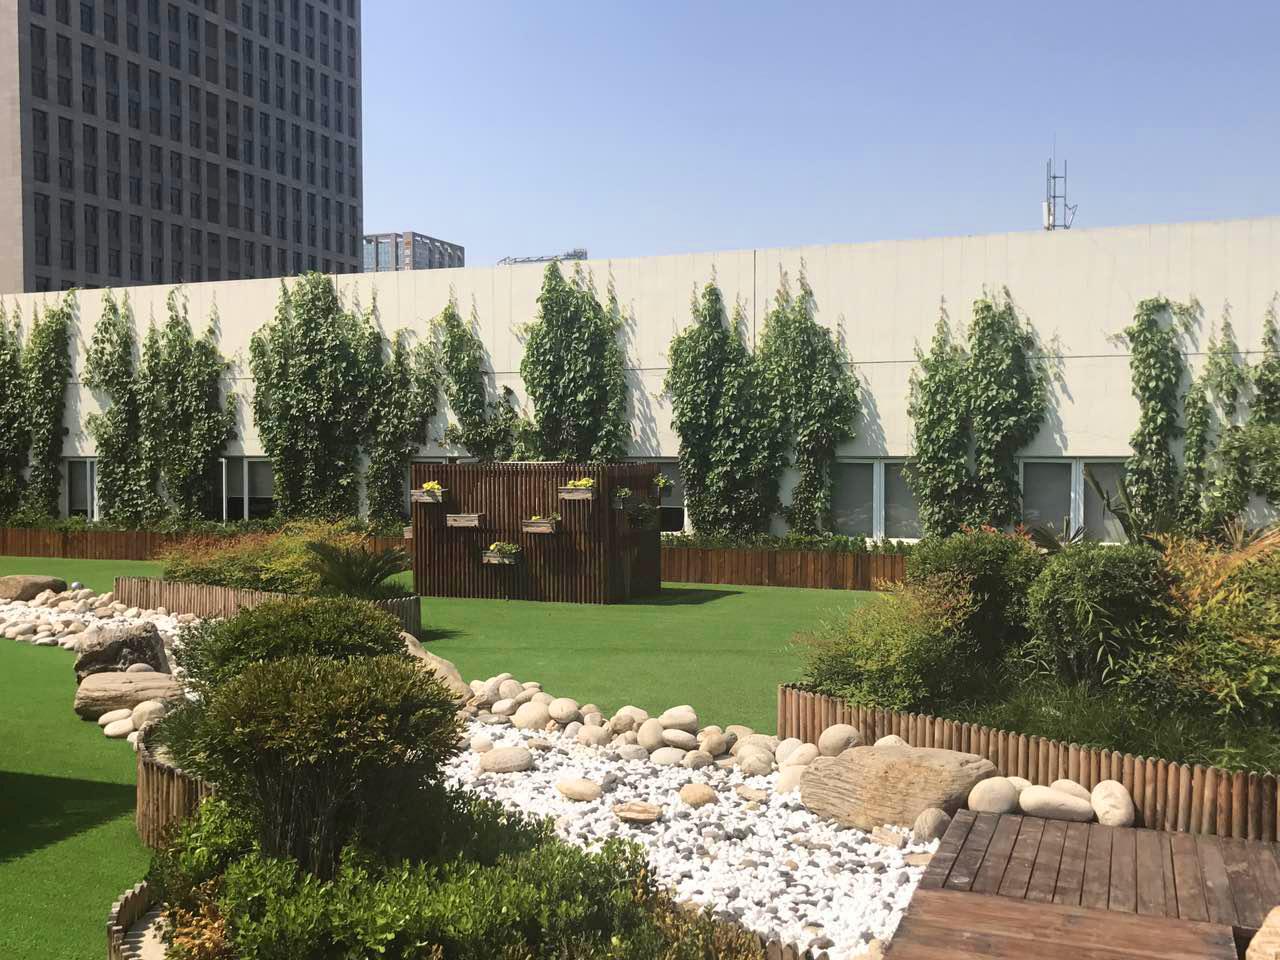 屋顶绿化:让植物扎根屋顶 为城市绿化锦上添花